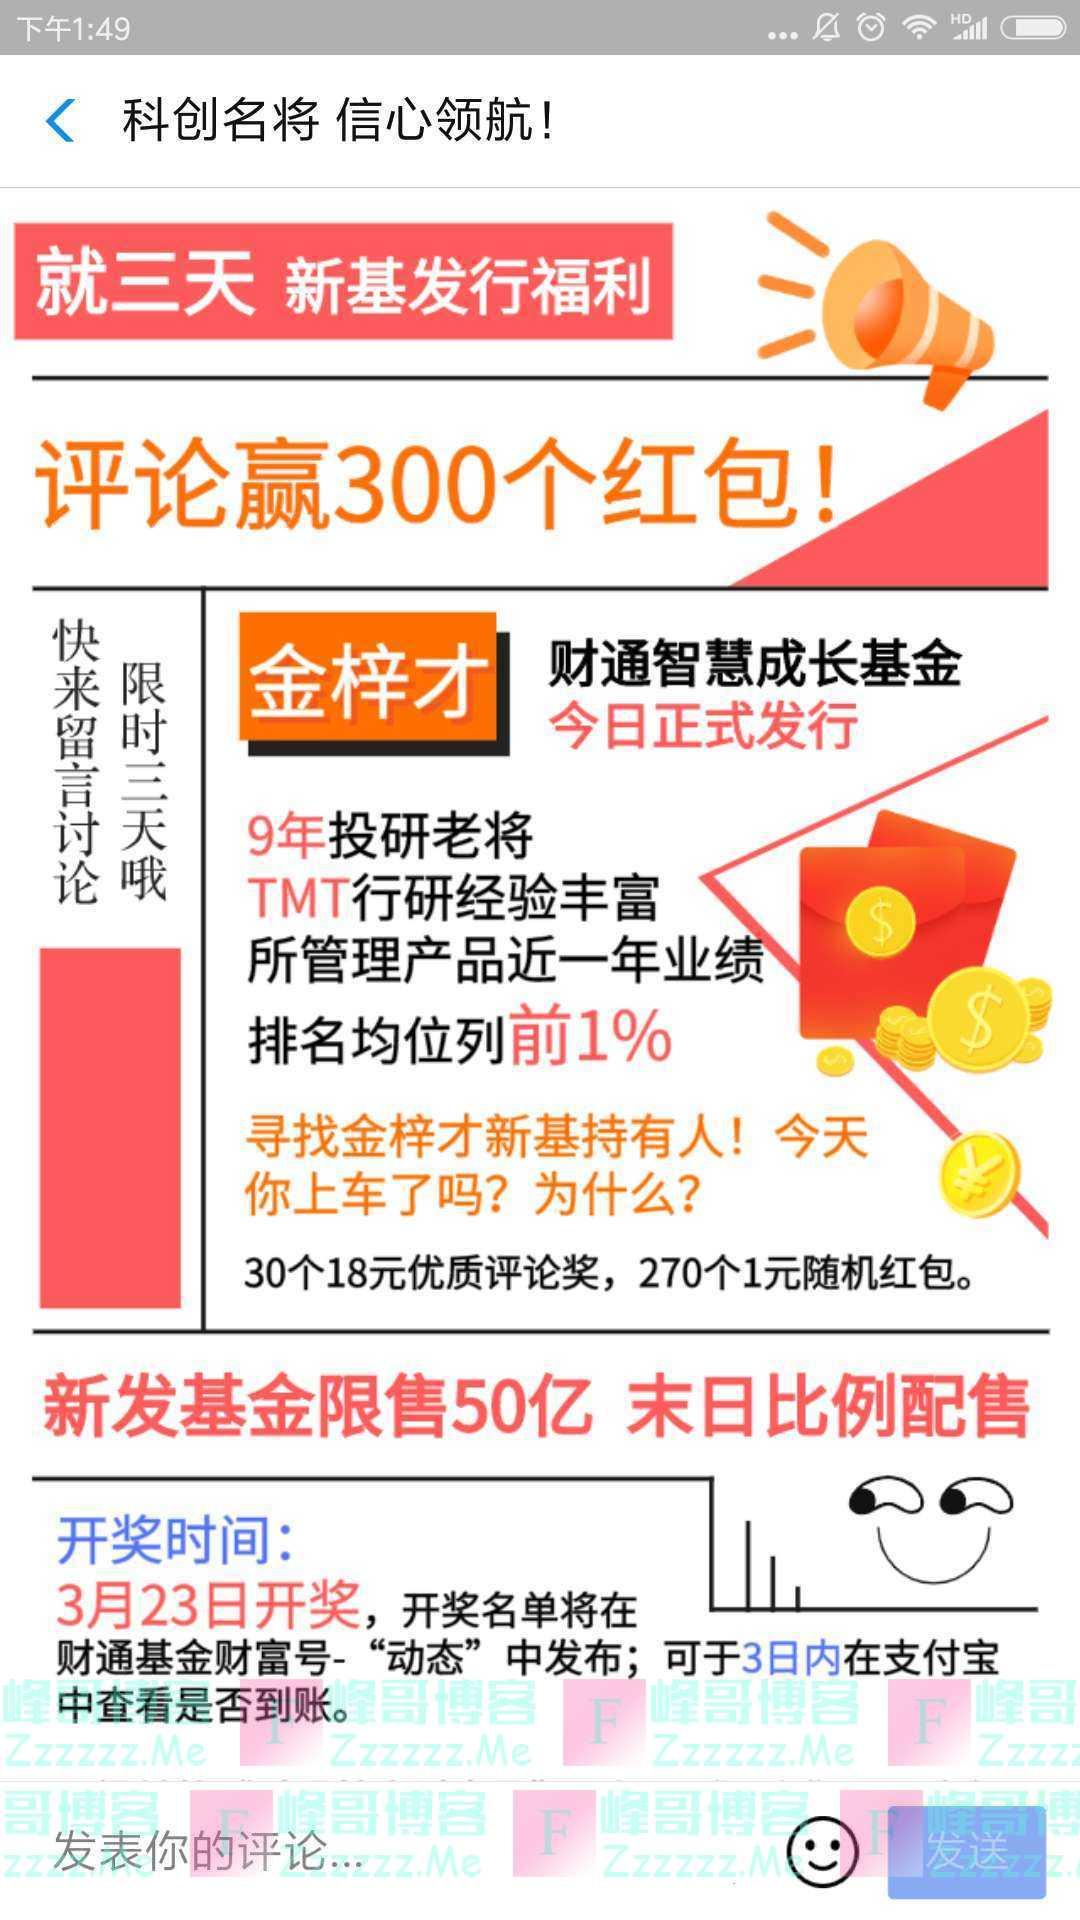 财通基金评论赢300个红包(截止3月23日)